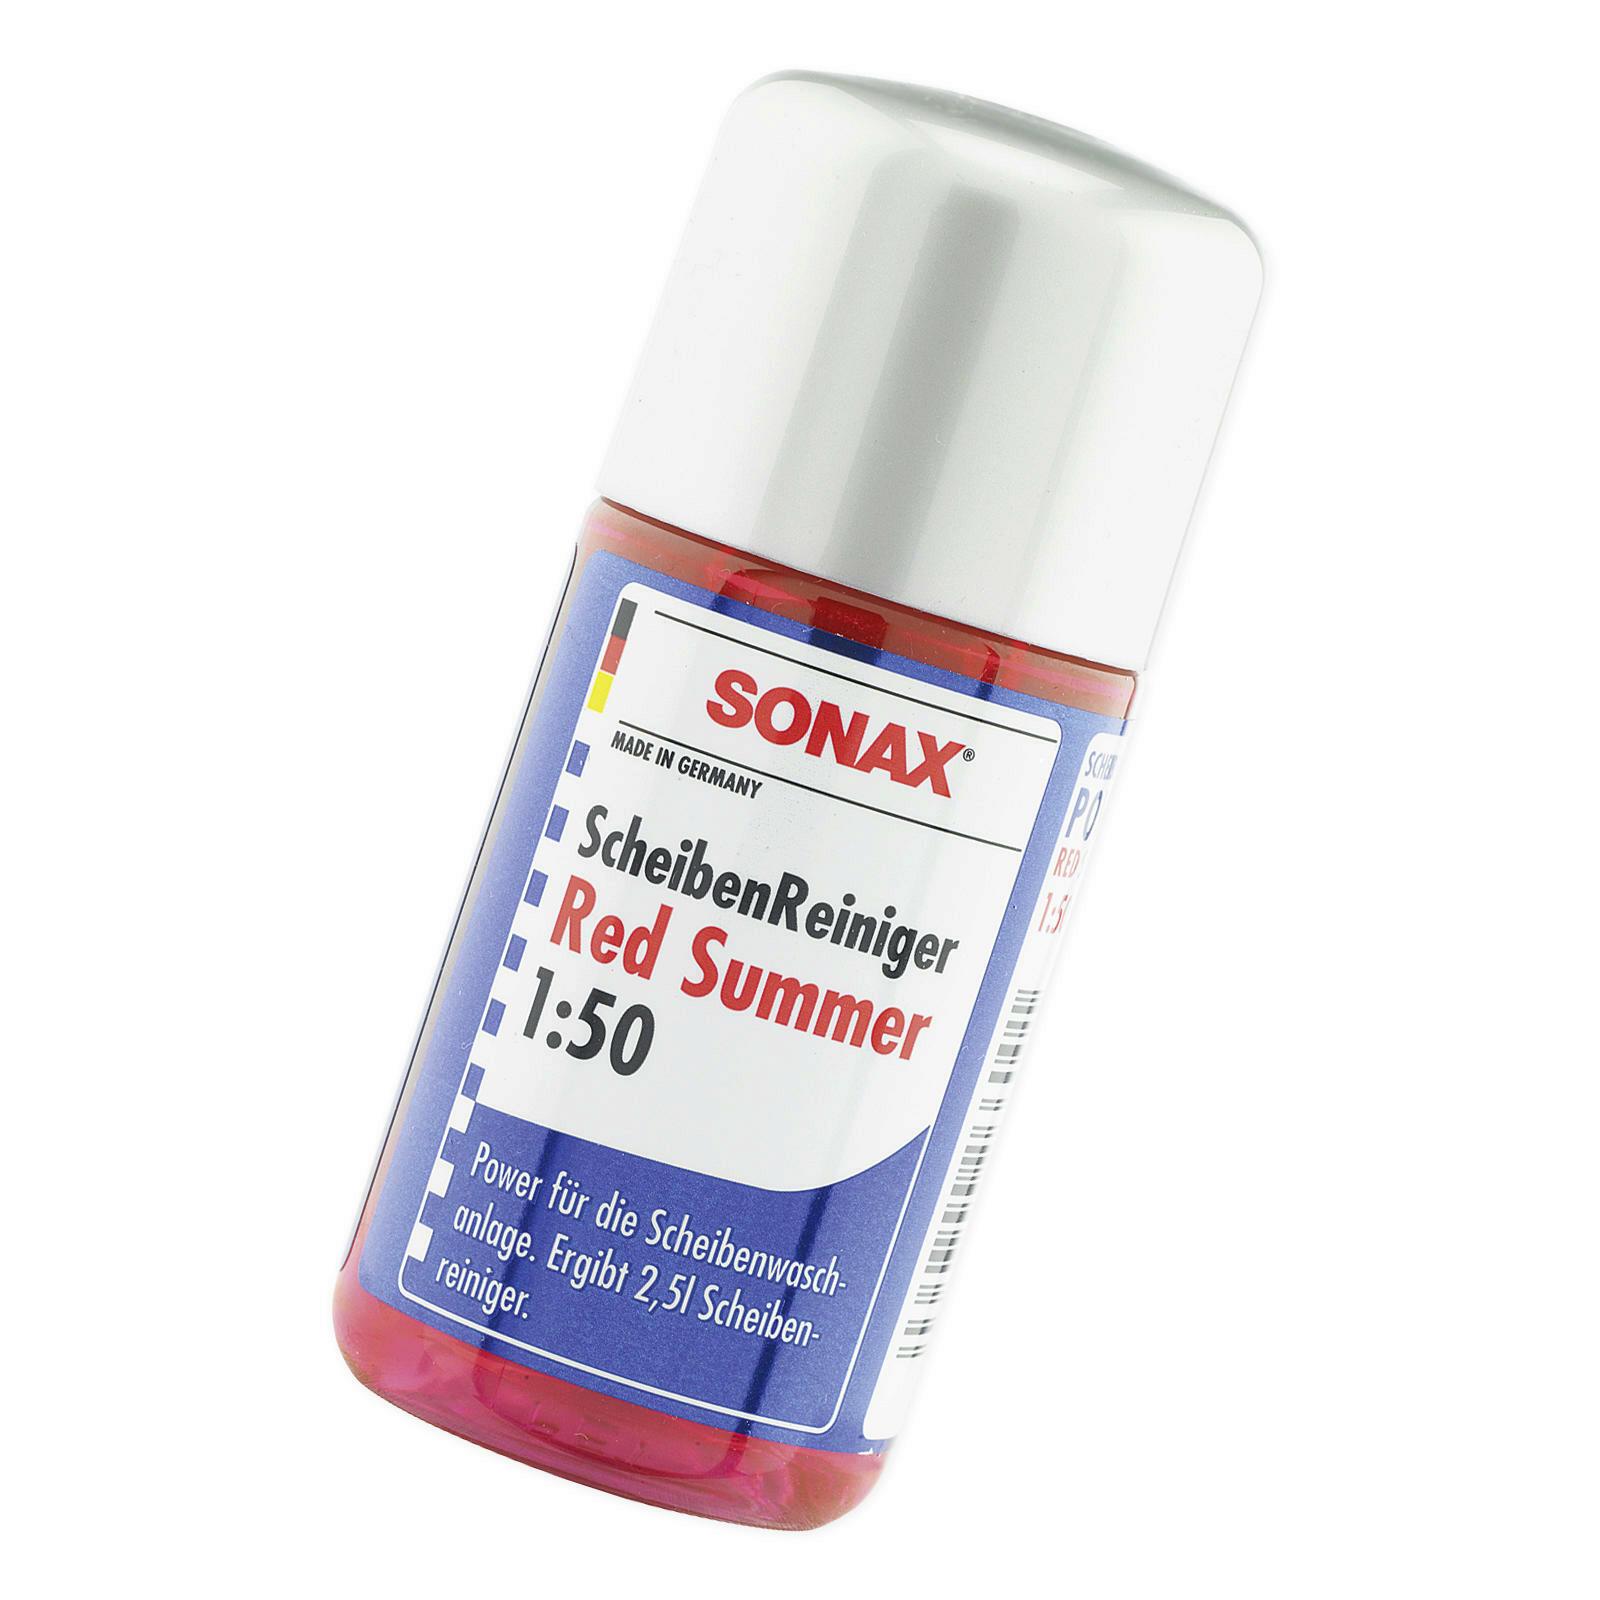 sonax scheibenreiniger konzentrat 1 50 red summer 50ml ebay. Black Bedroom Furniture Sets. Home Design Ideas